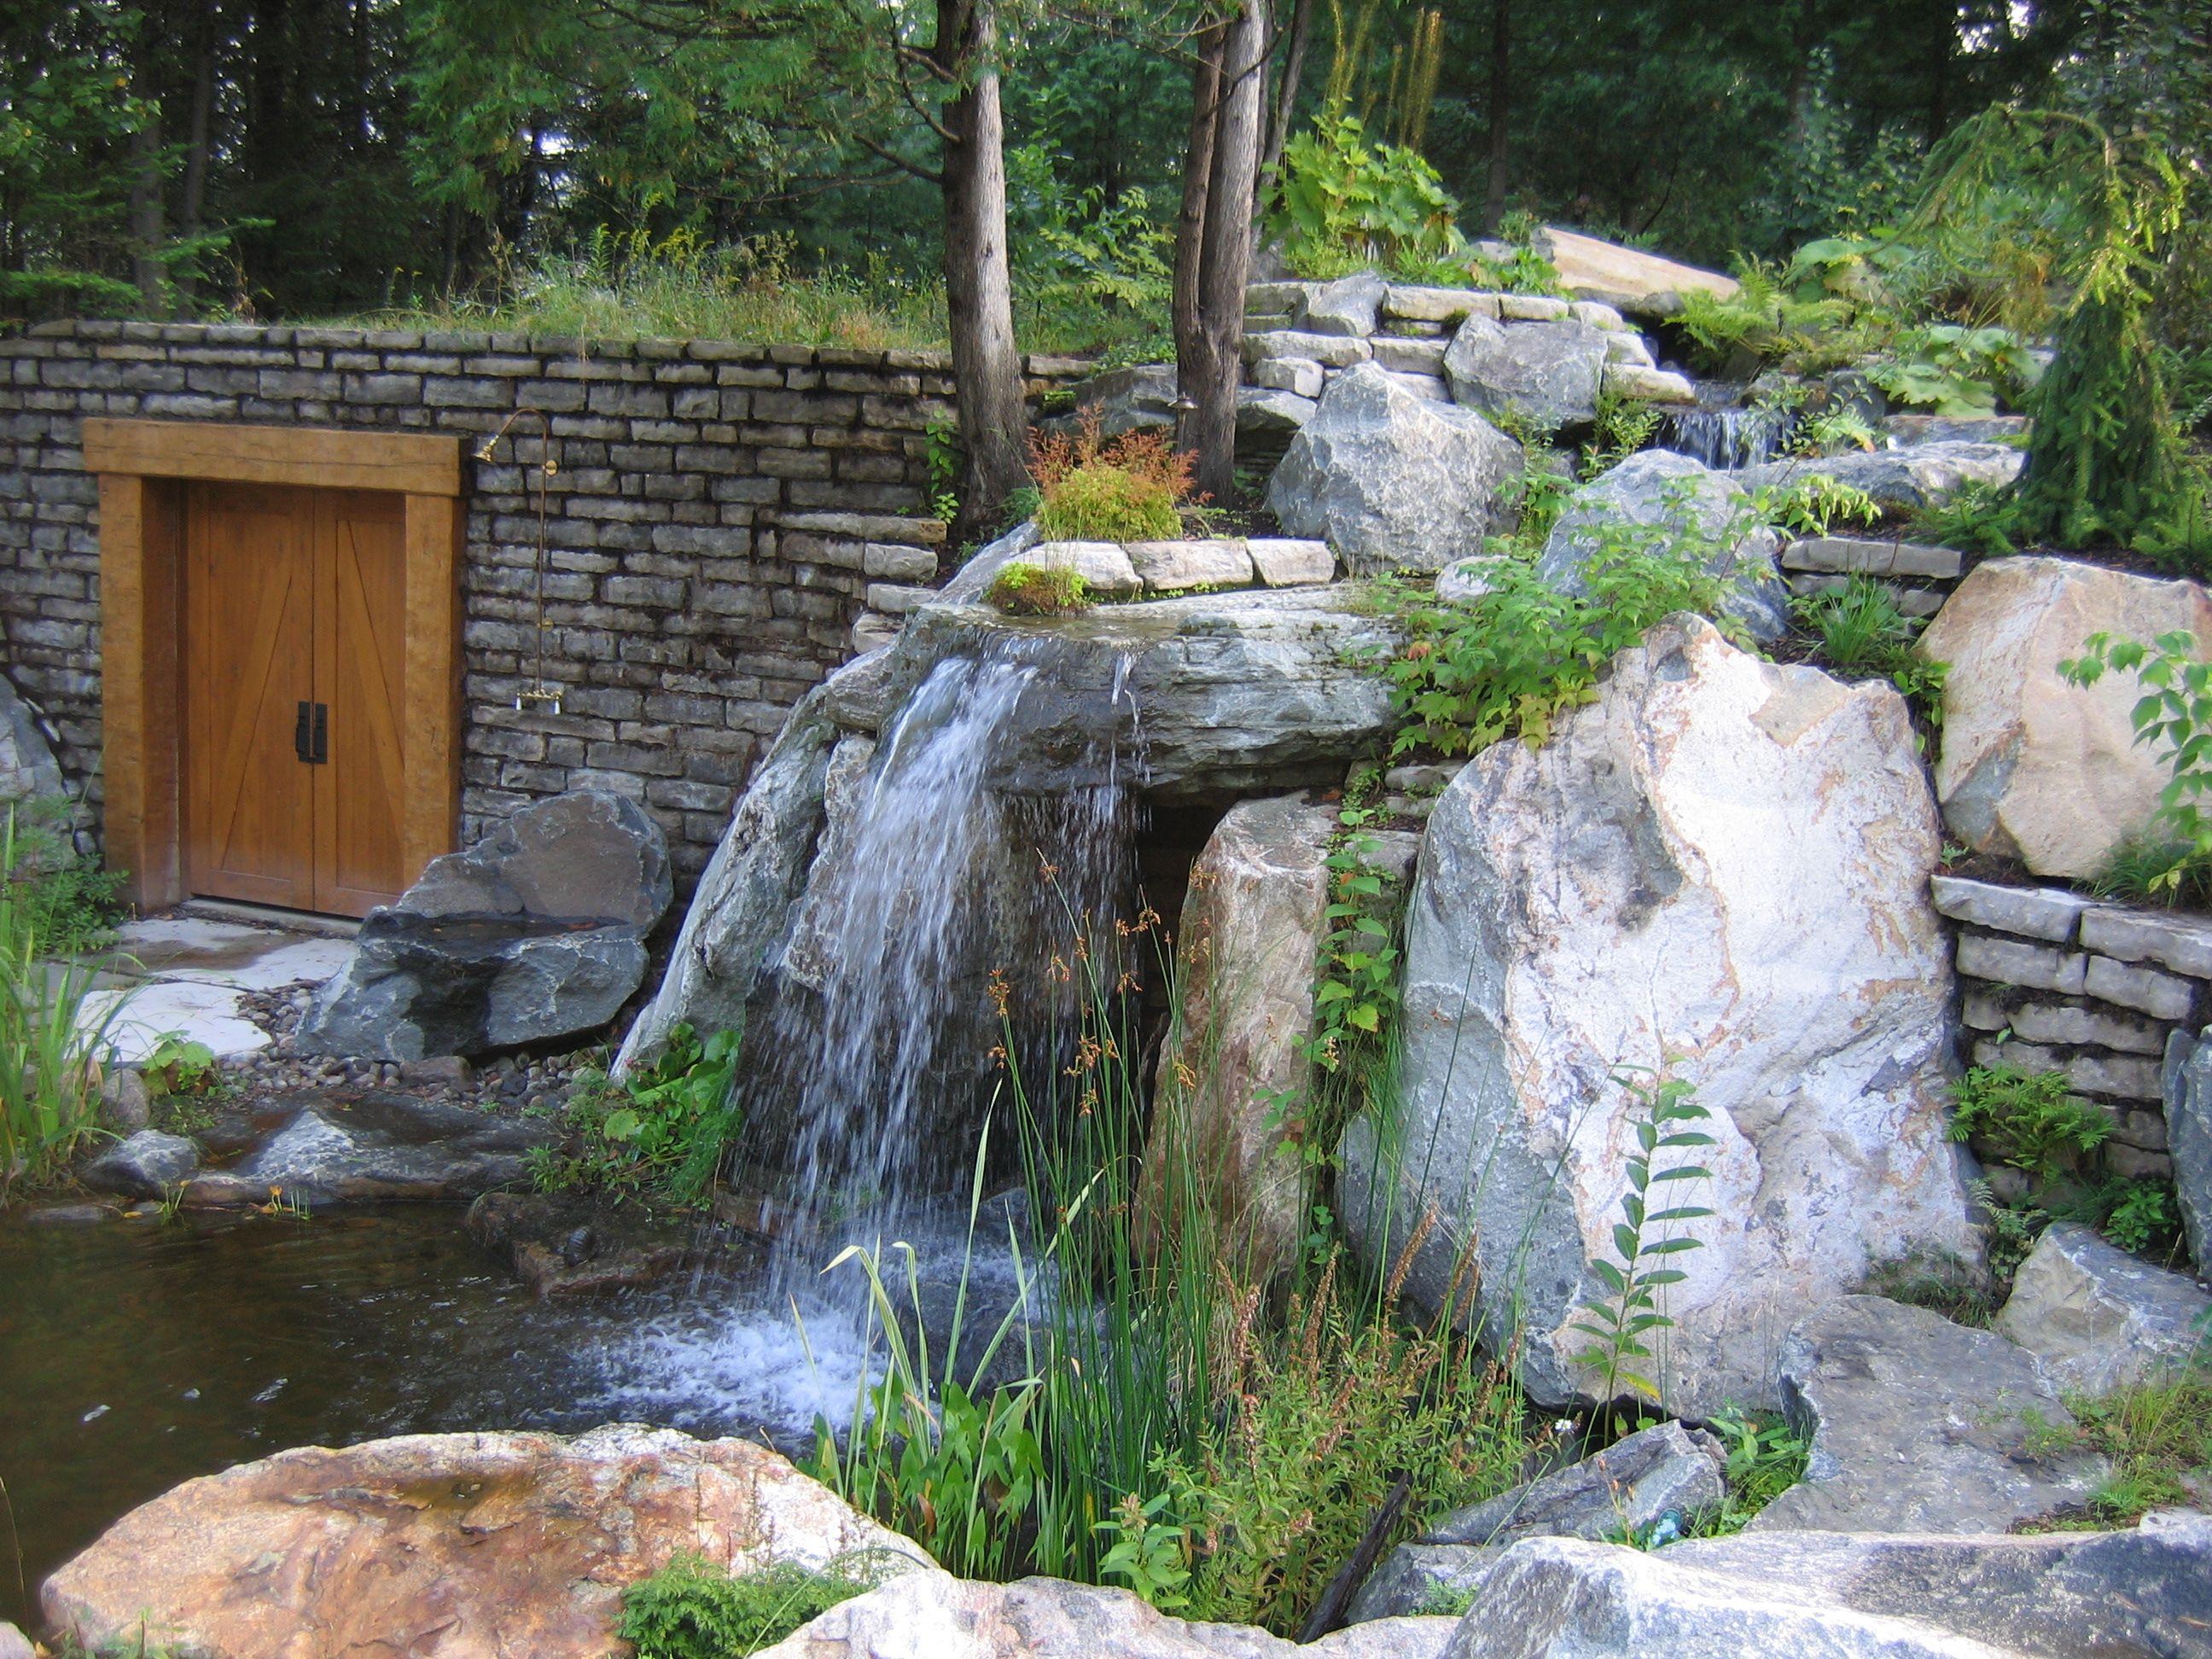 Une chute d'eau, réalisation pierres, muret, porte, débit